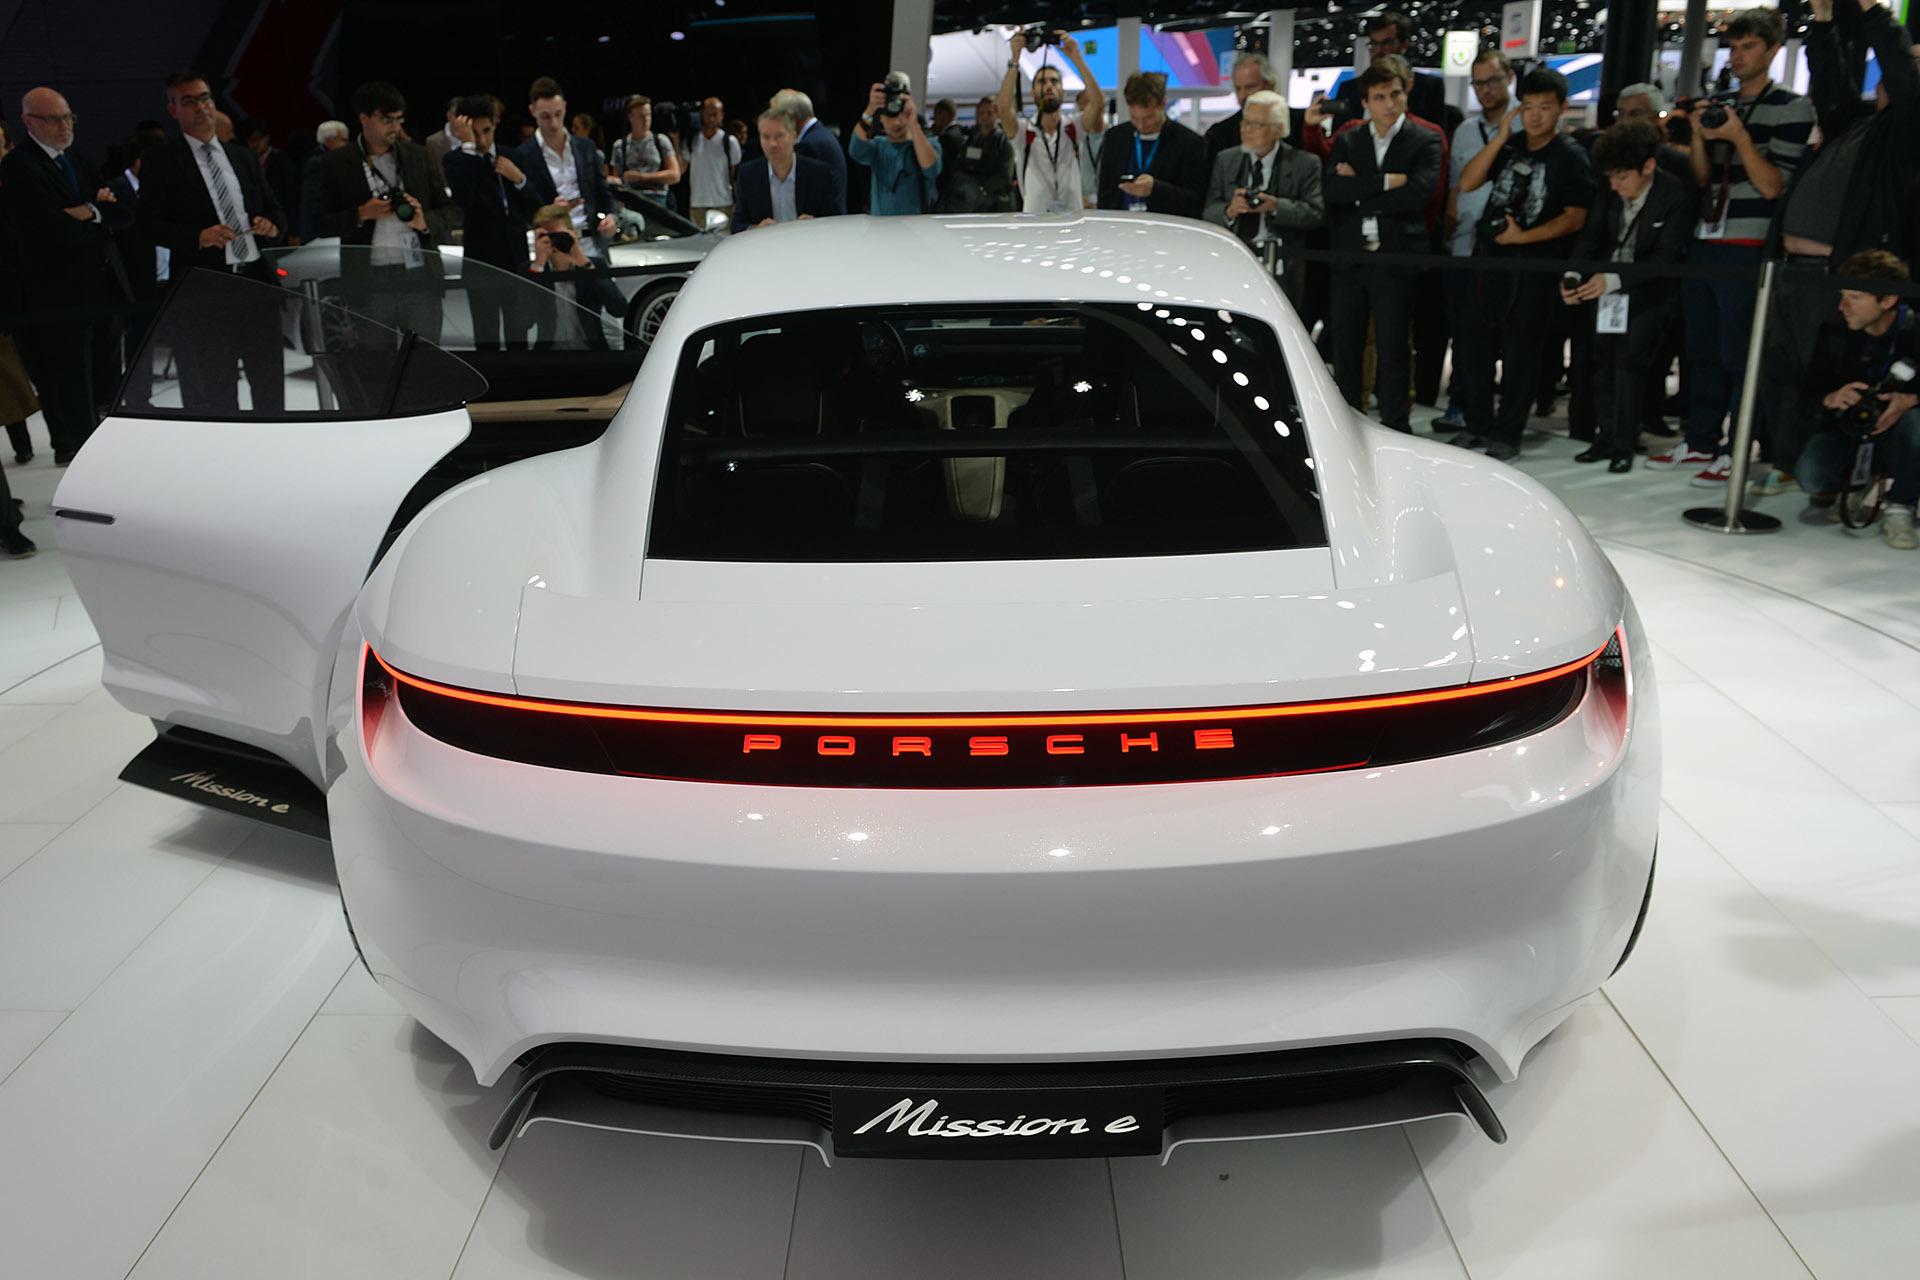 Mission E Concept Sedan By Porsche 6